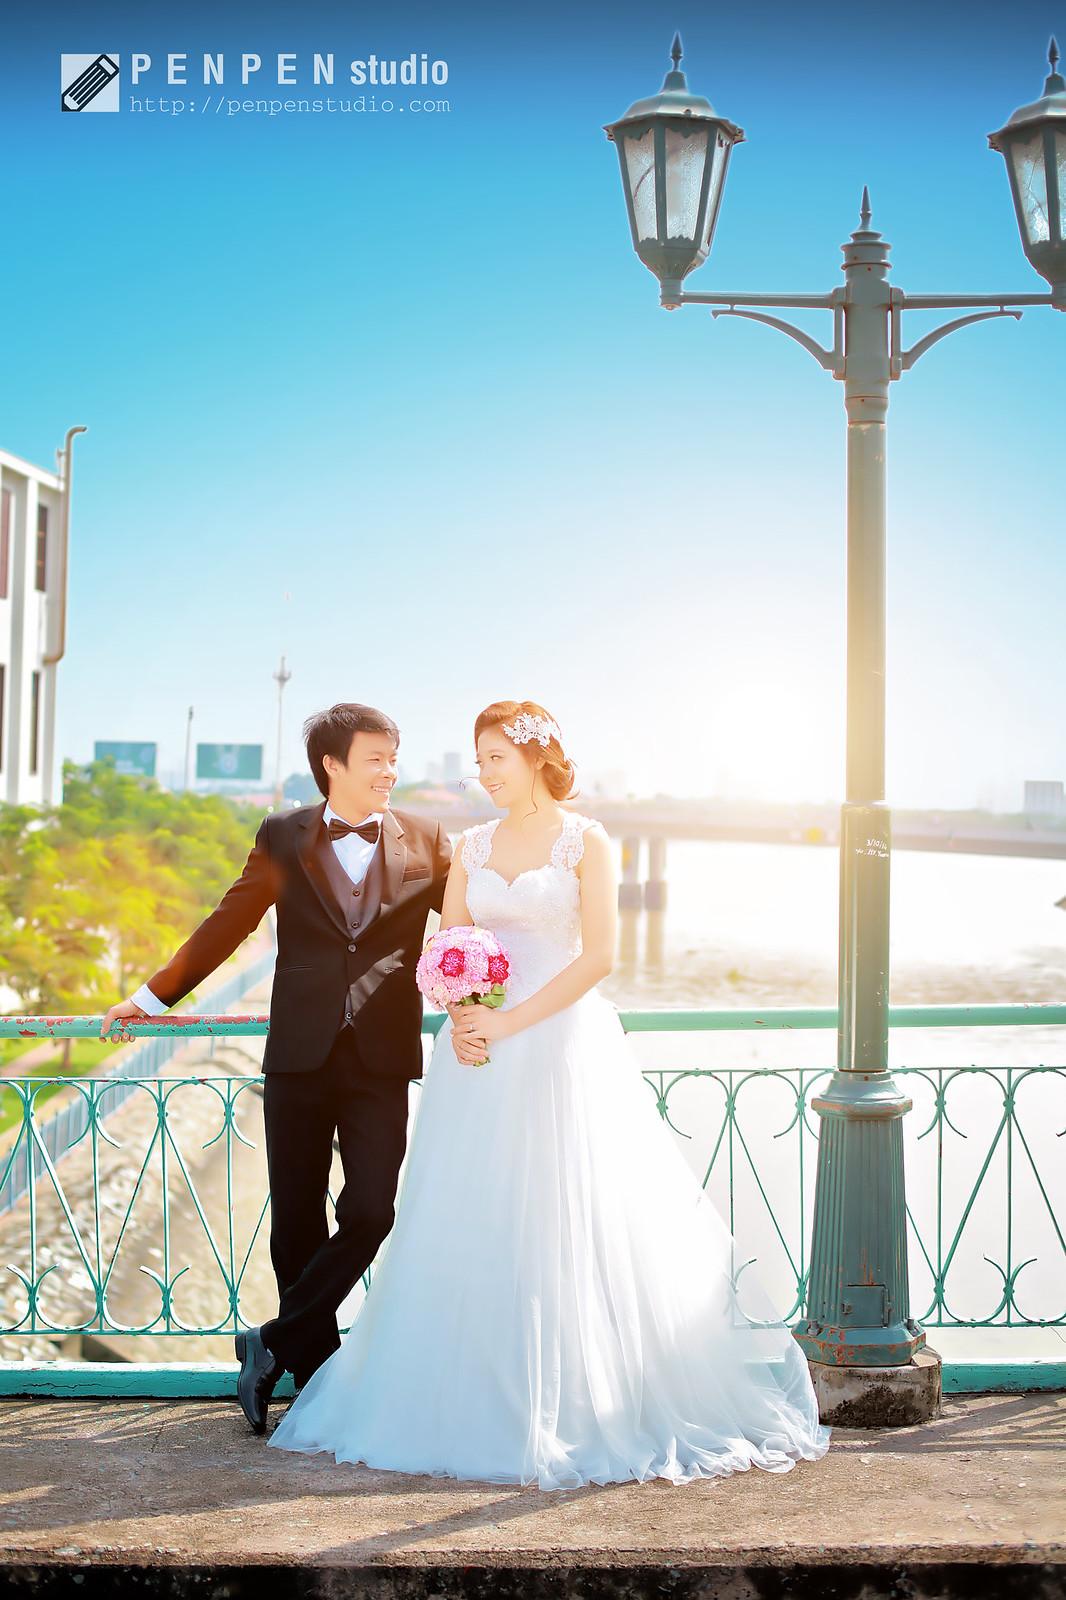 Ưu điểm : Bối cảnh đẹp, không thu phí chụp ảnh trên cầu.Khuyết điểm : Chỉ nên chụp vào buổi sáng sớm để lấy được ánh nắng nhẹ nhàng và trong trẻo.